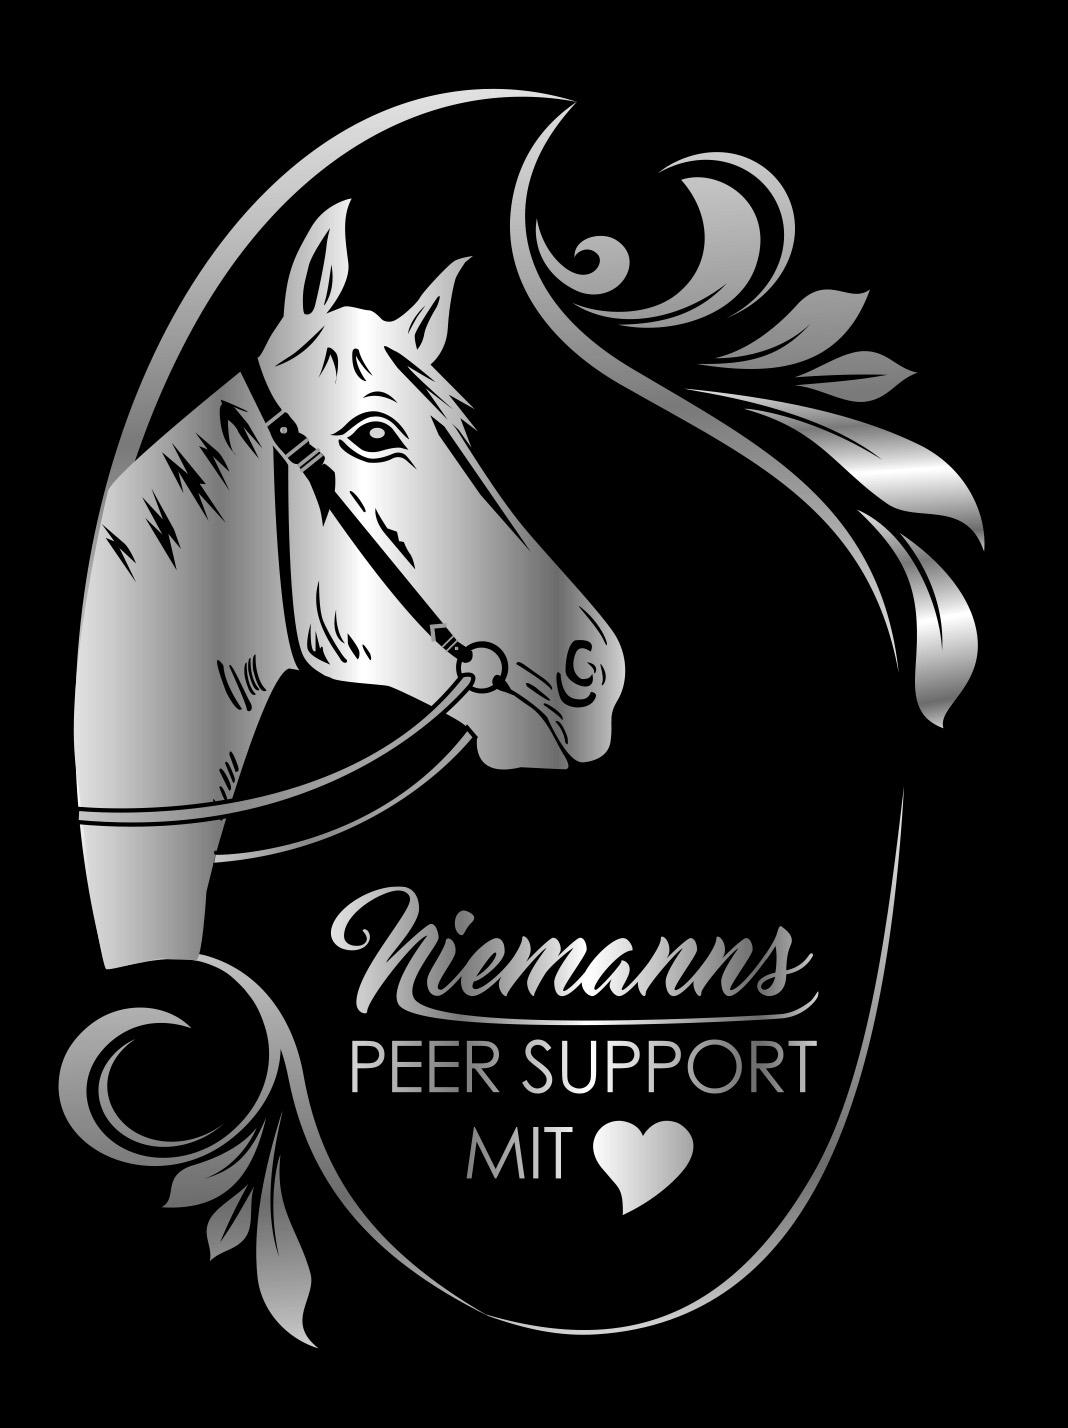 Niemanns Peersupport geht online!